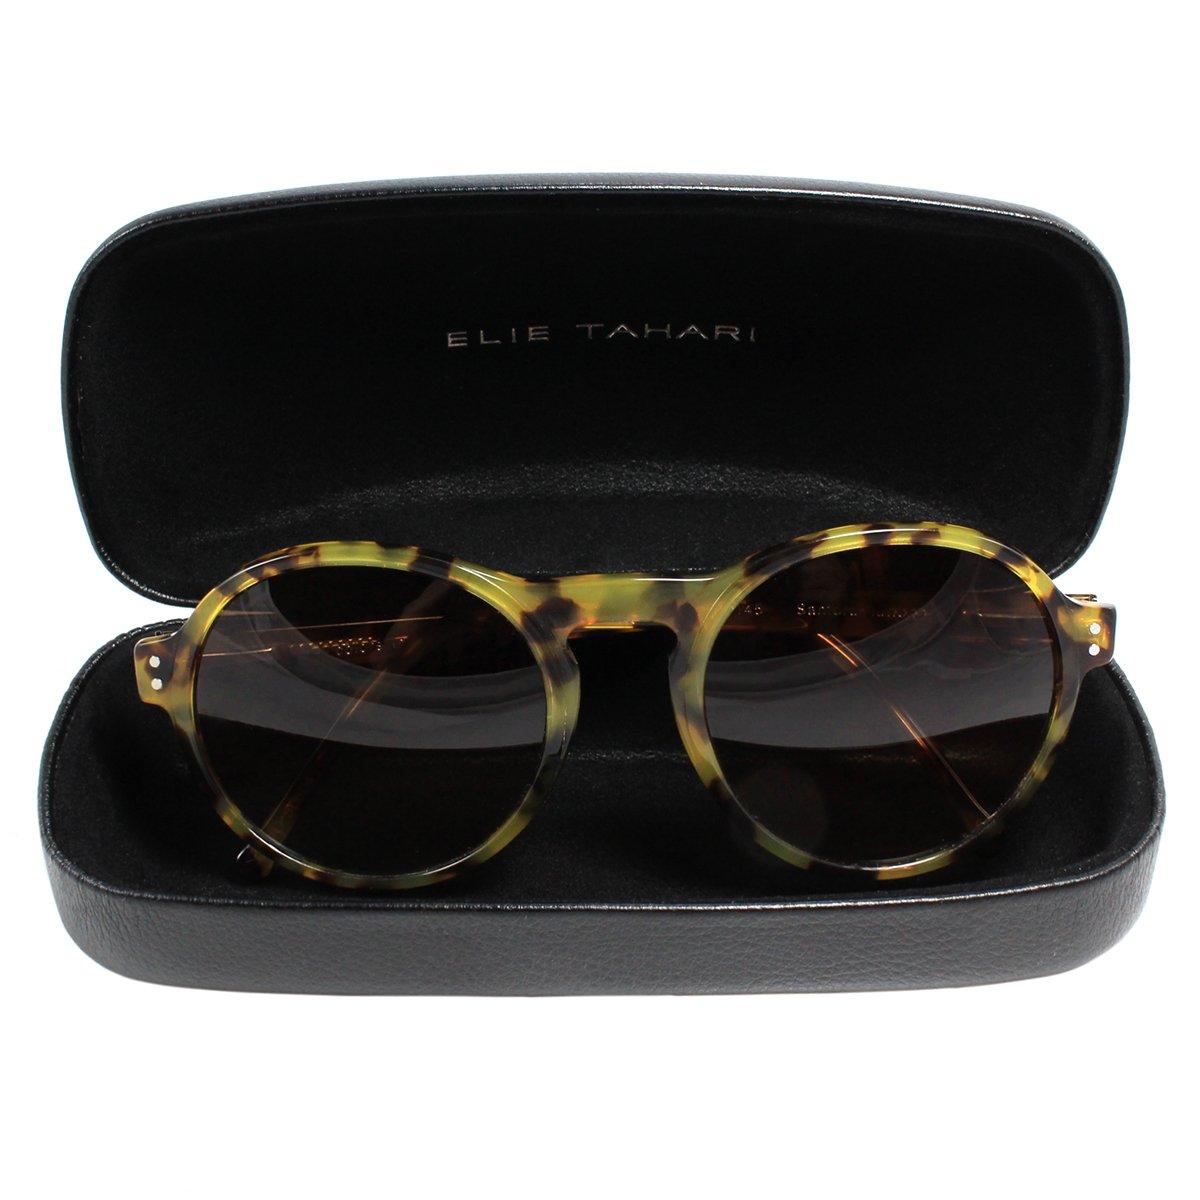 41a100497c Amazon.com  Elie Tahari Colors in Optics Hamilton Retro Round Women s  Sunglasses